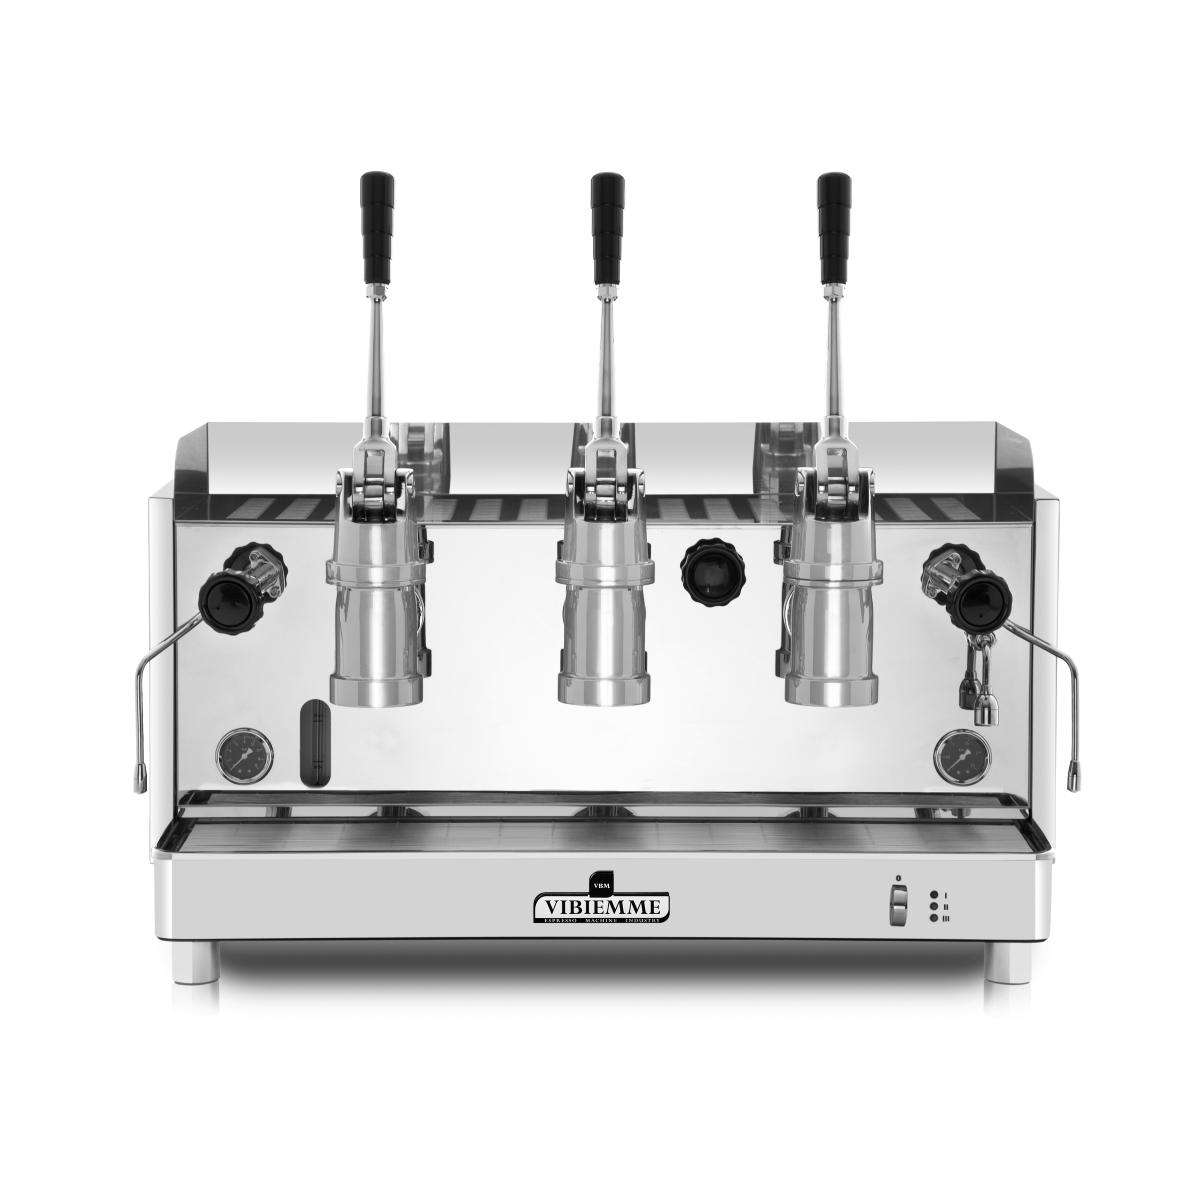 Espressor profesional Vibiemme Replica Pistone, 3 grupuri